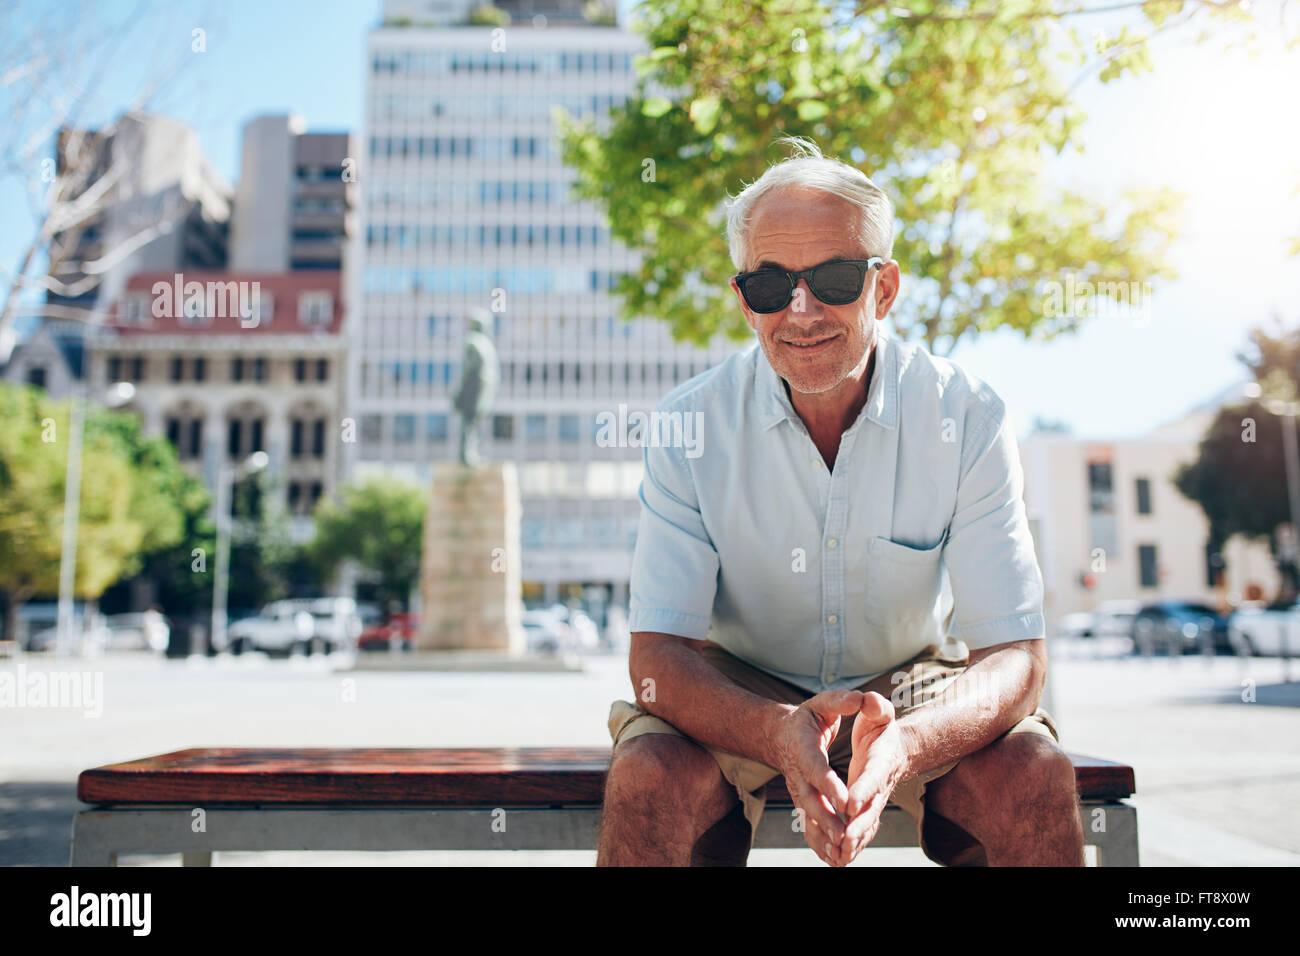 Ritratto di bello senior uomo seduto all'esterno. Maschio maturo turistico con occhiali da sole seduti fuori Immagini Stock